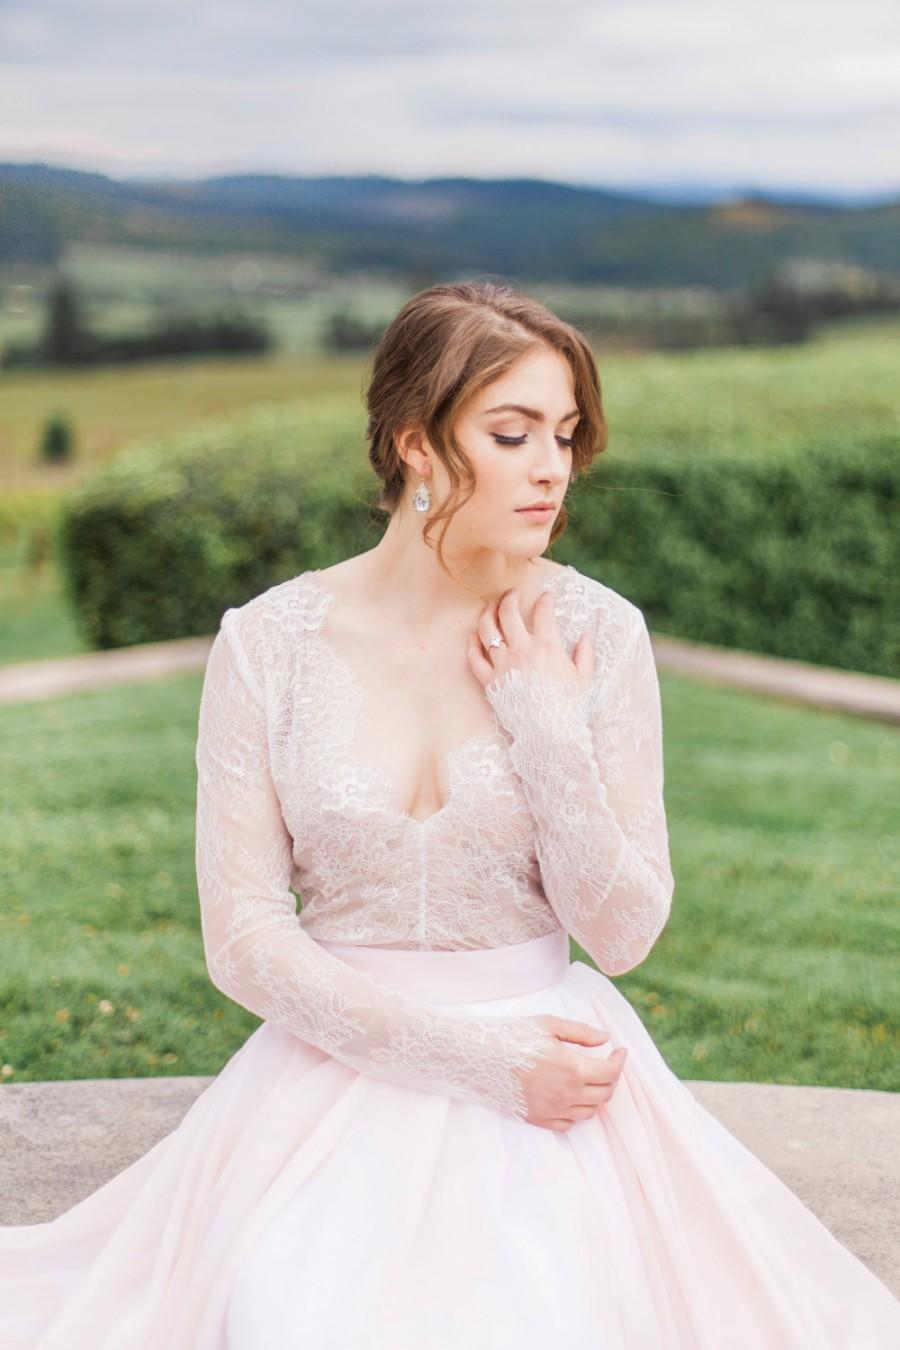 زفاف - Savannah Top - Wedding Separate - Long Sleeve Lace Wedding Dress - Lace V Neck Top  - Plunge Neck Wedding Dress